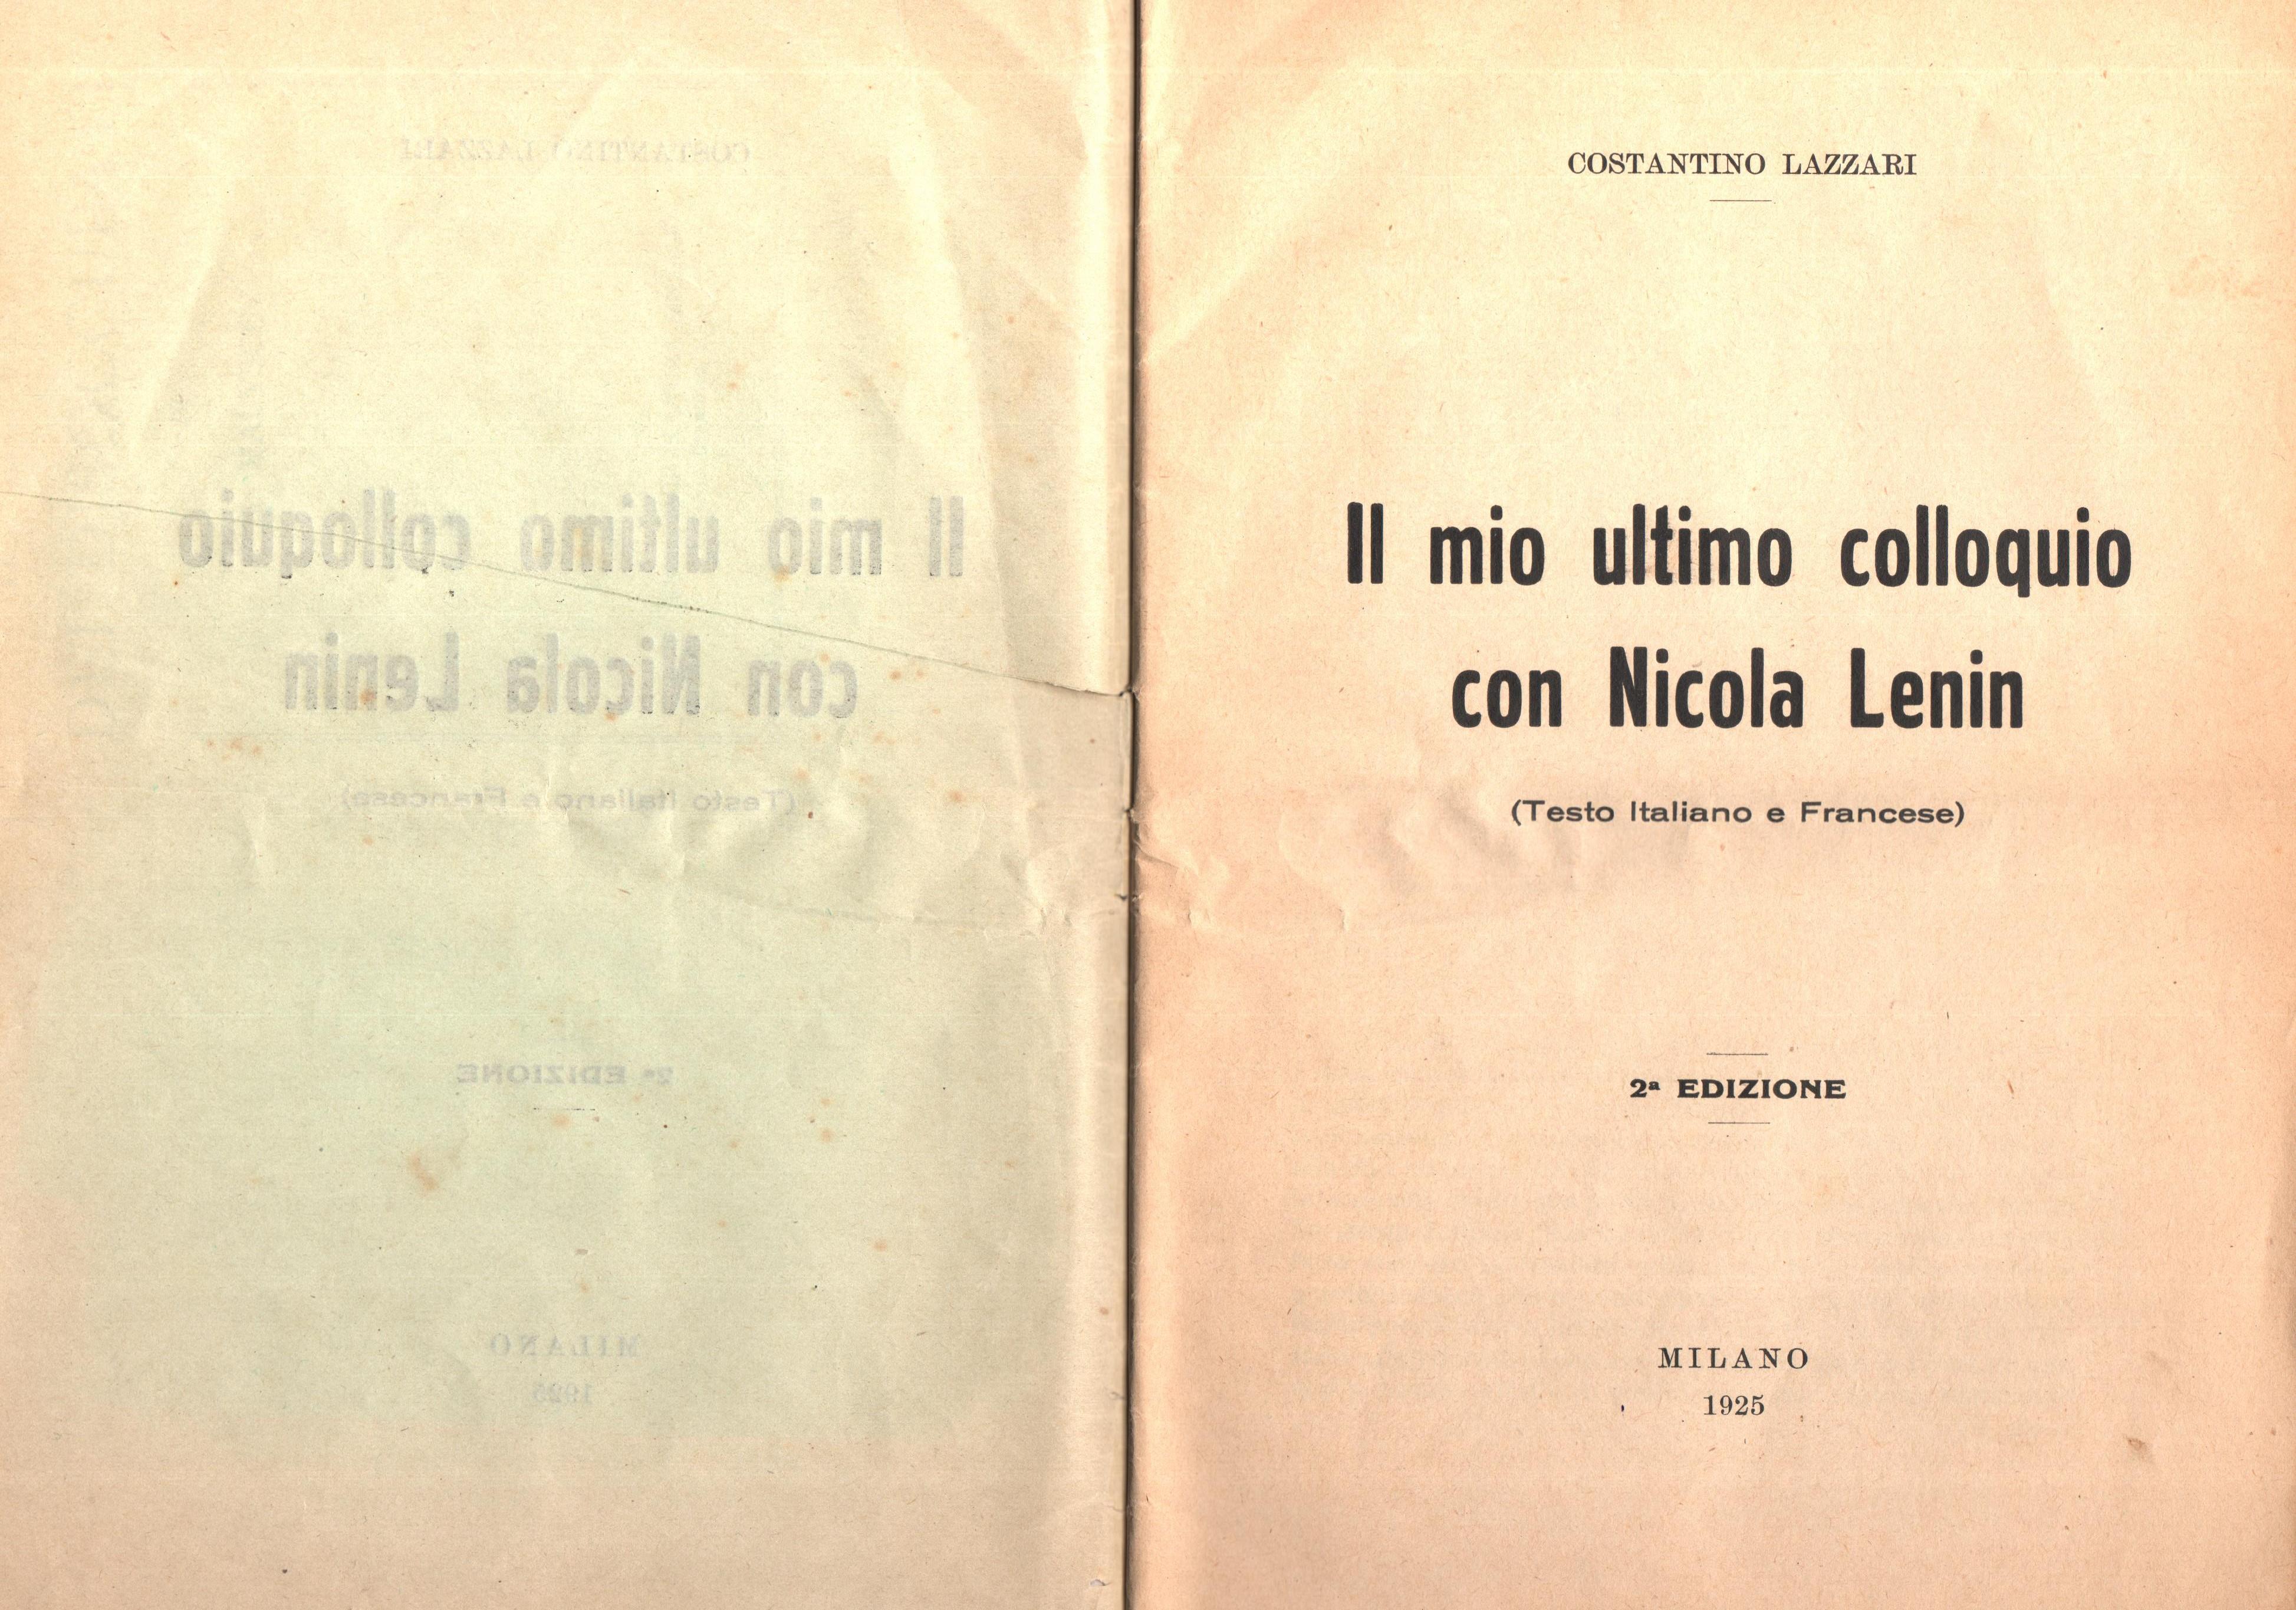 C. Lazzari, Il mio ultimo colloquio con Nicola Lenin - pag. 2